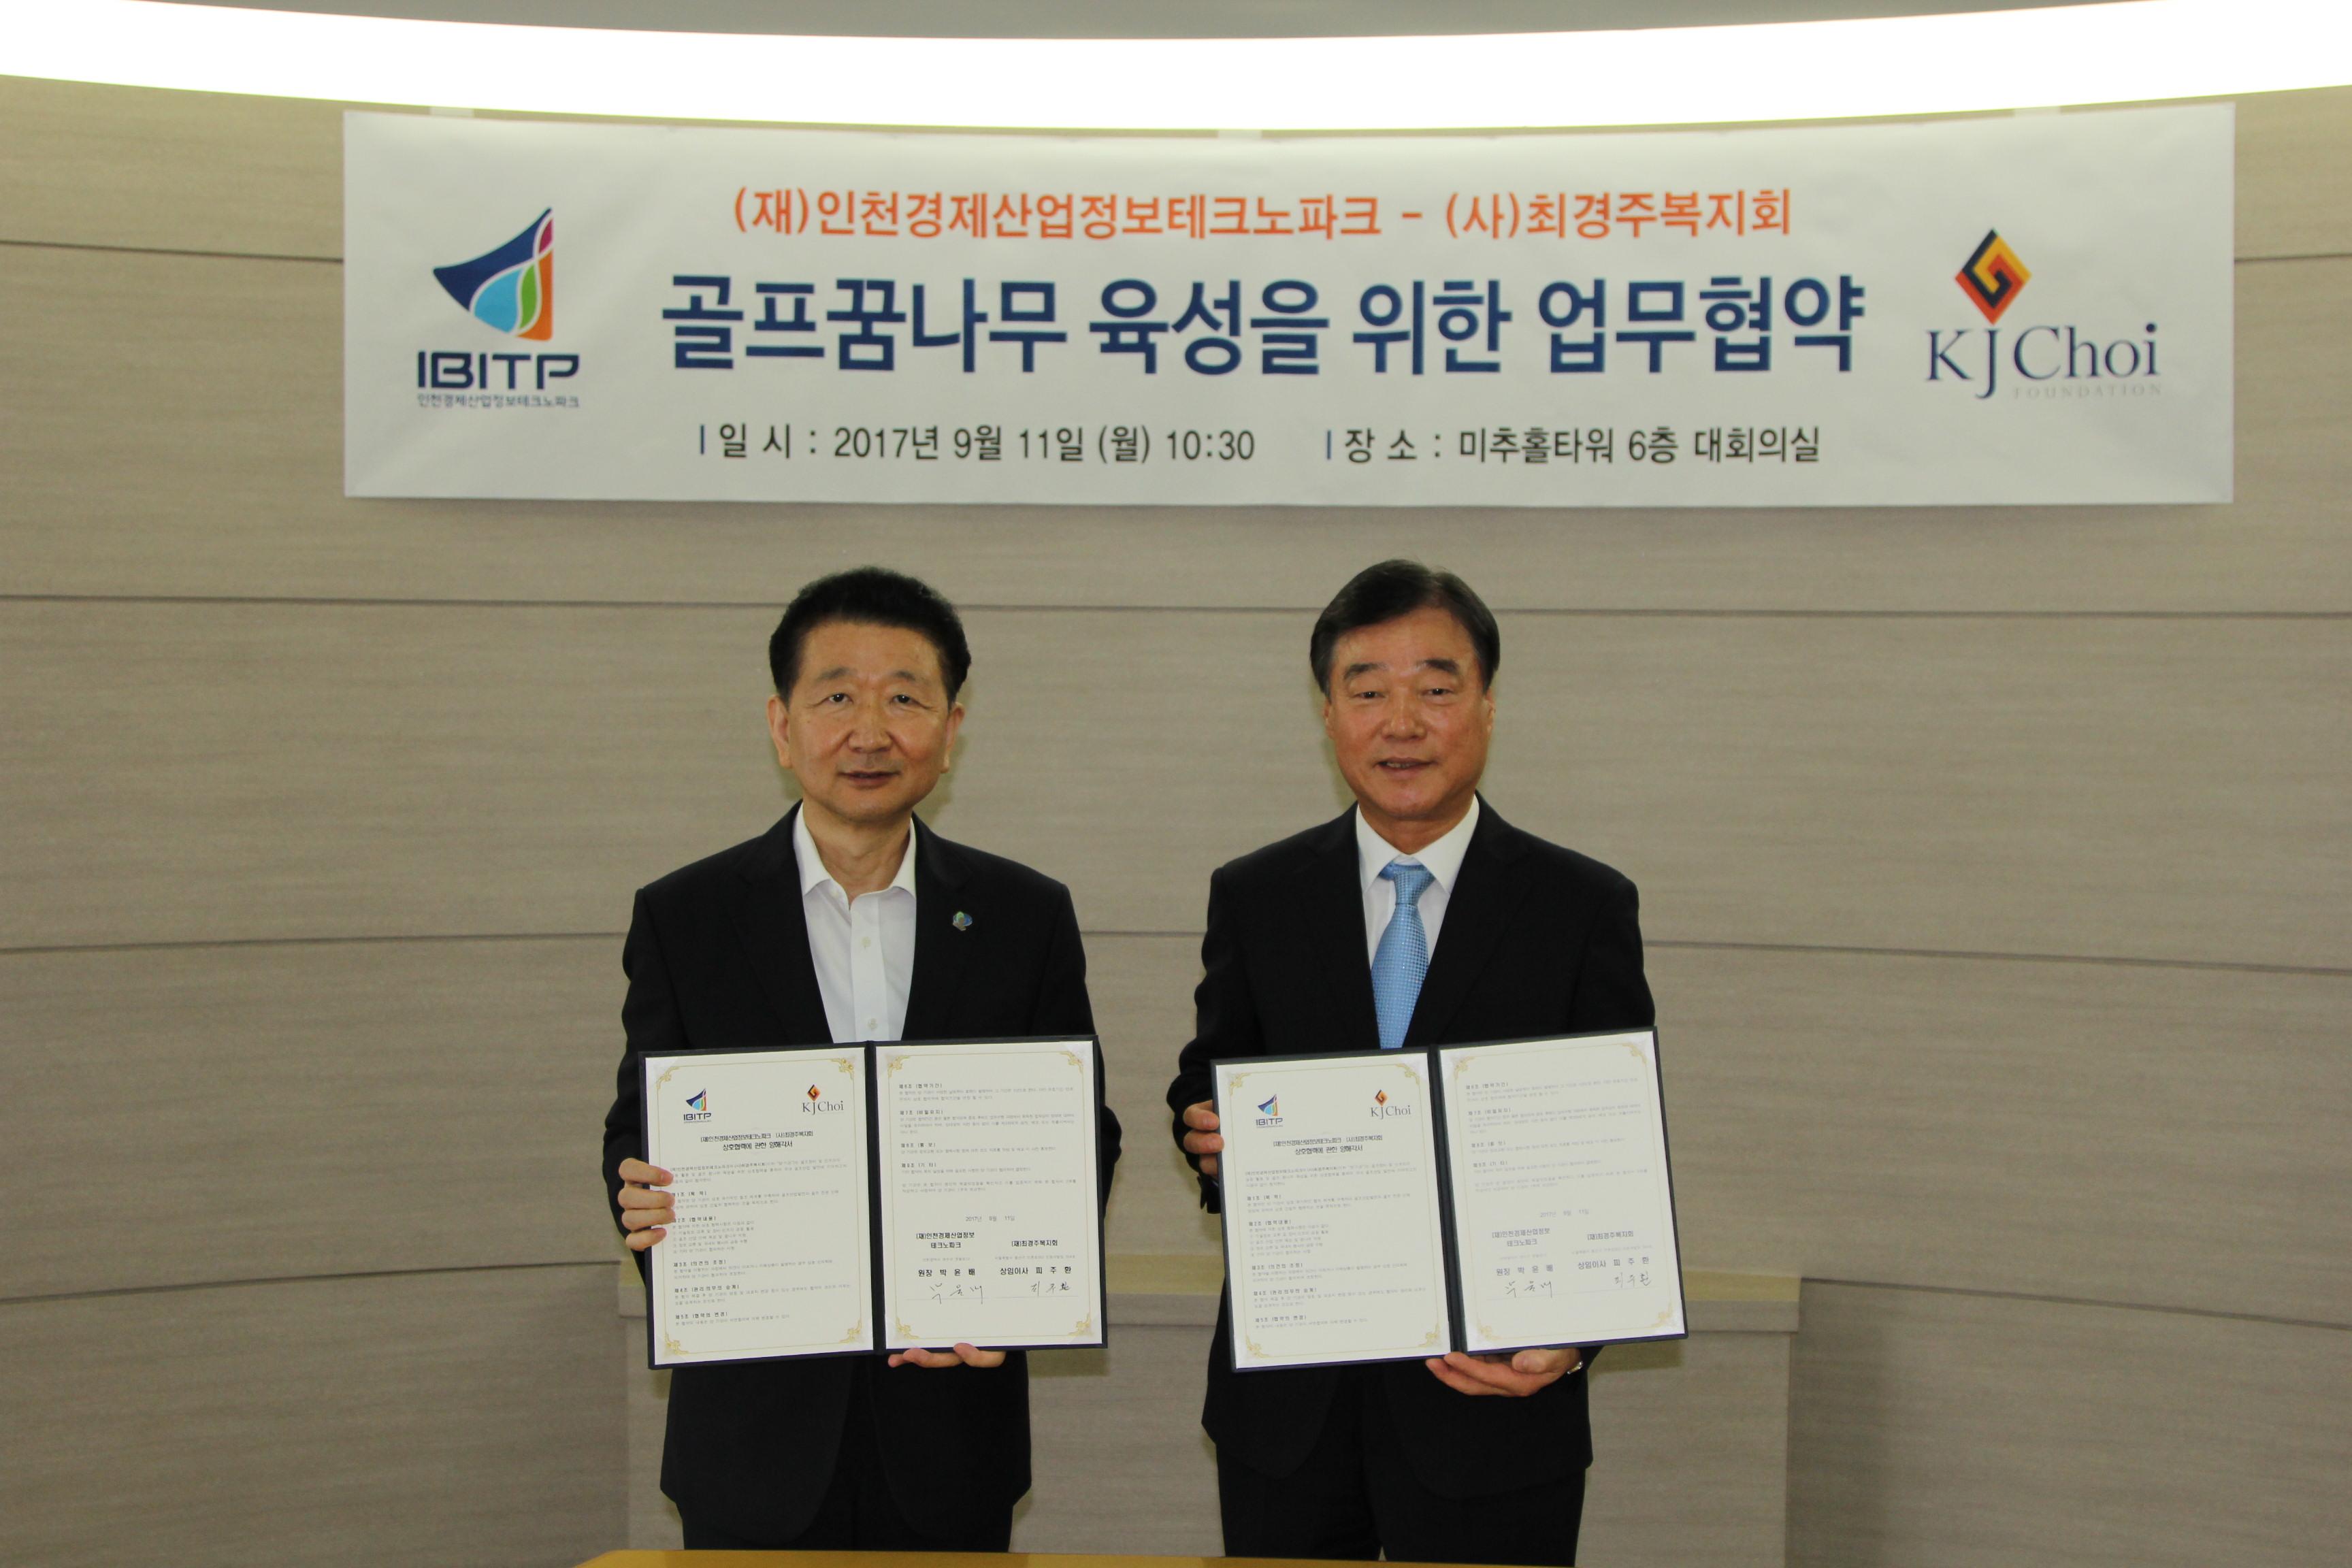 최경주재단, 인천TP와 업무협약(MOU) 체결